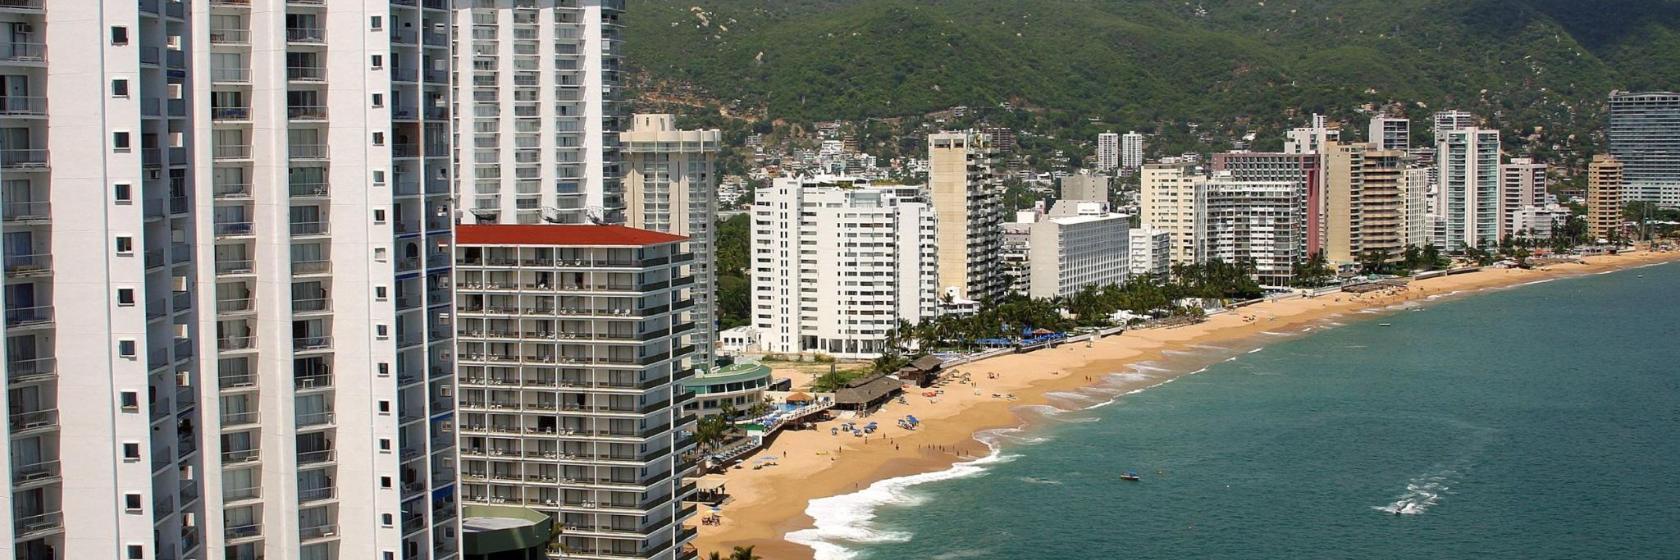 Los 10 mejores hoteles de Costera de Acapulco, Acapulco, México